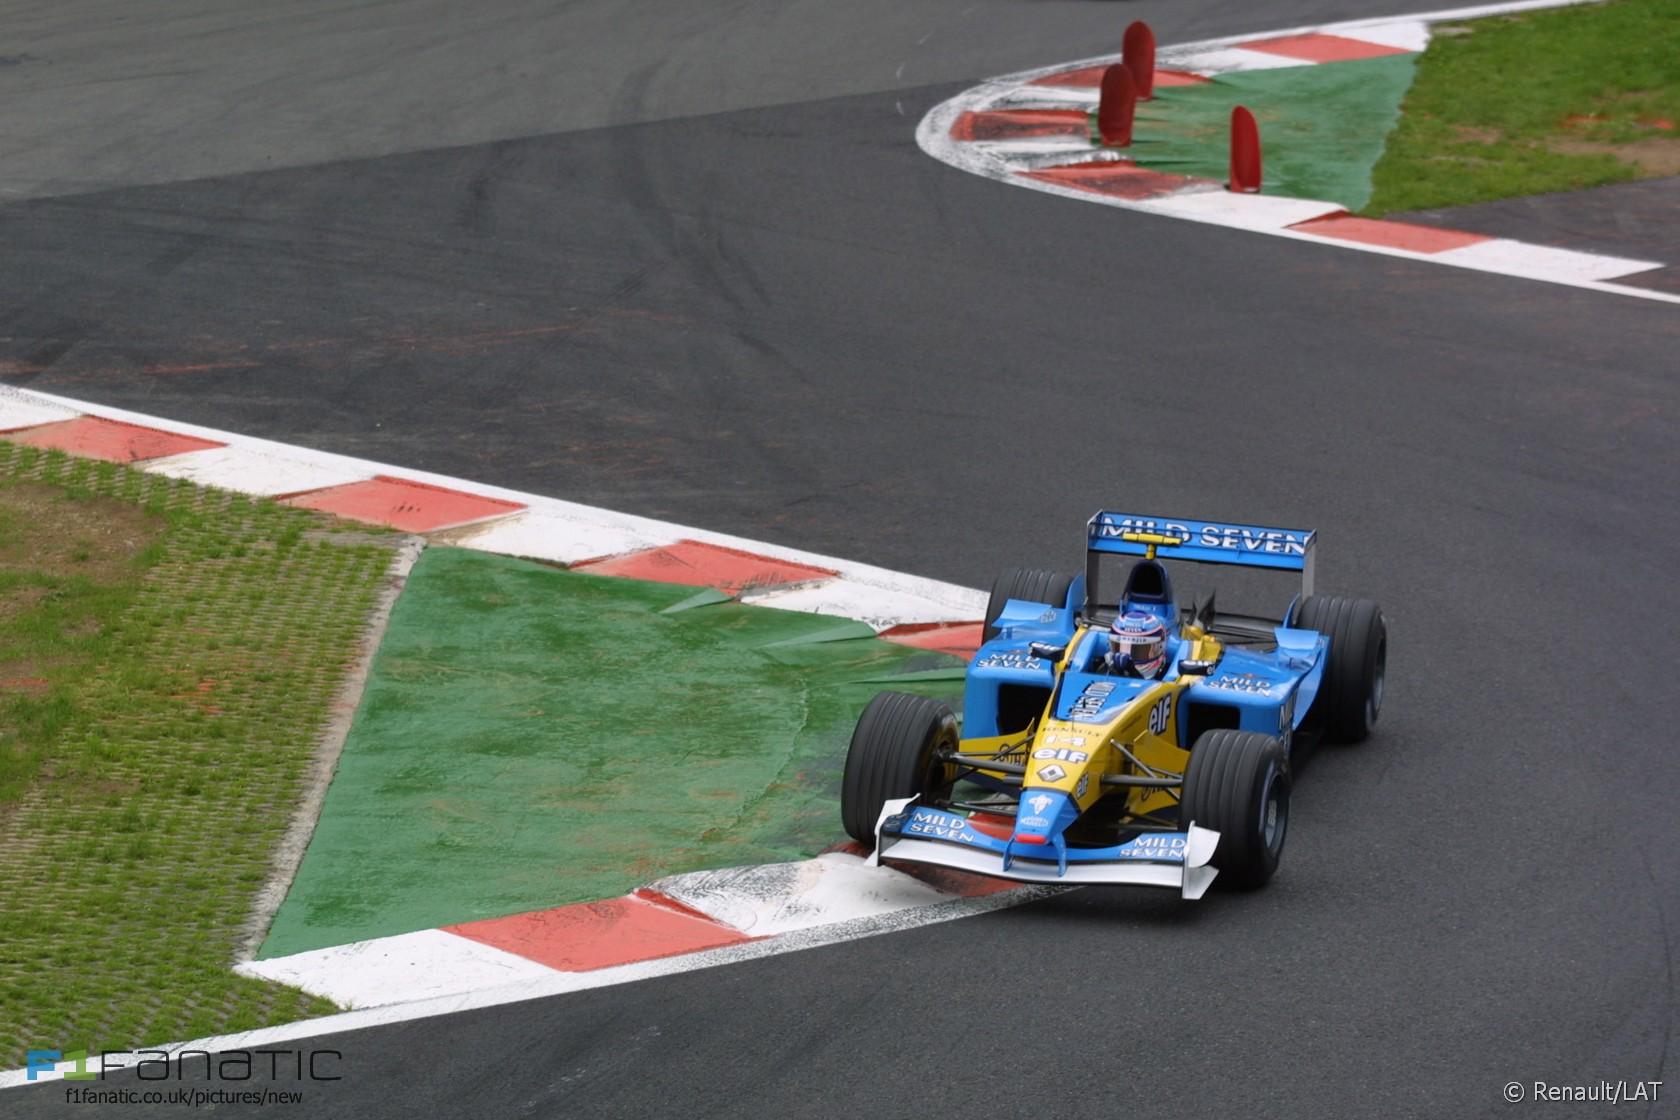 Jarno Trulli, Renault, Spa-Francorchamps, 2002